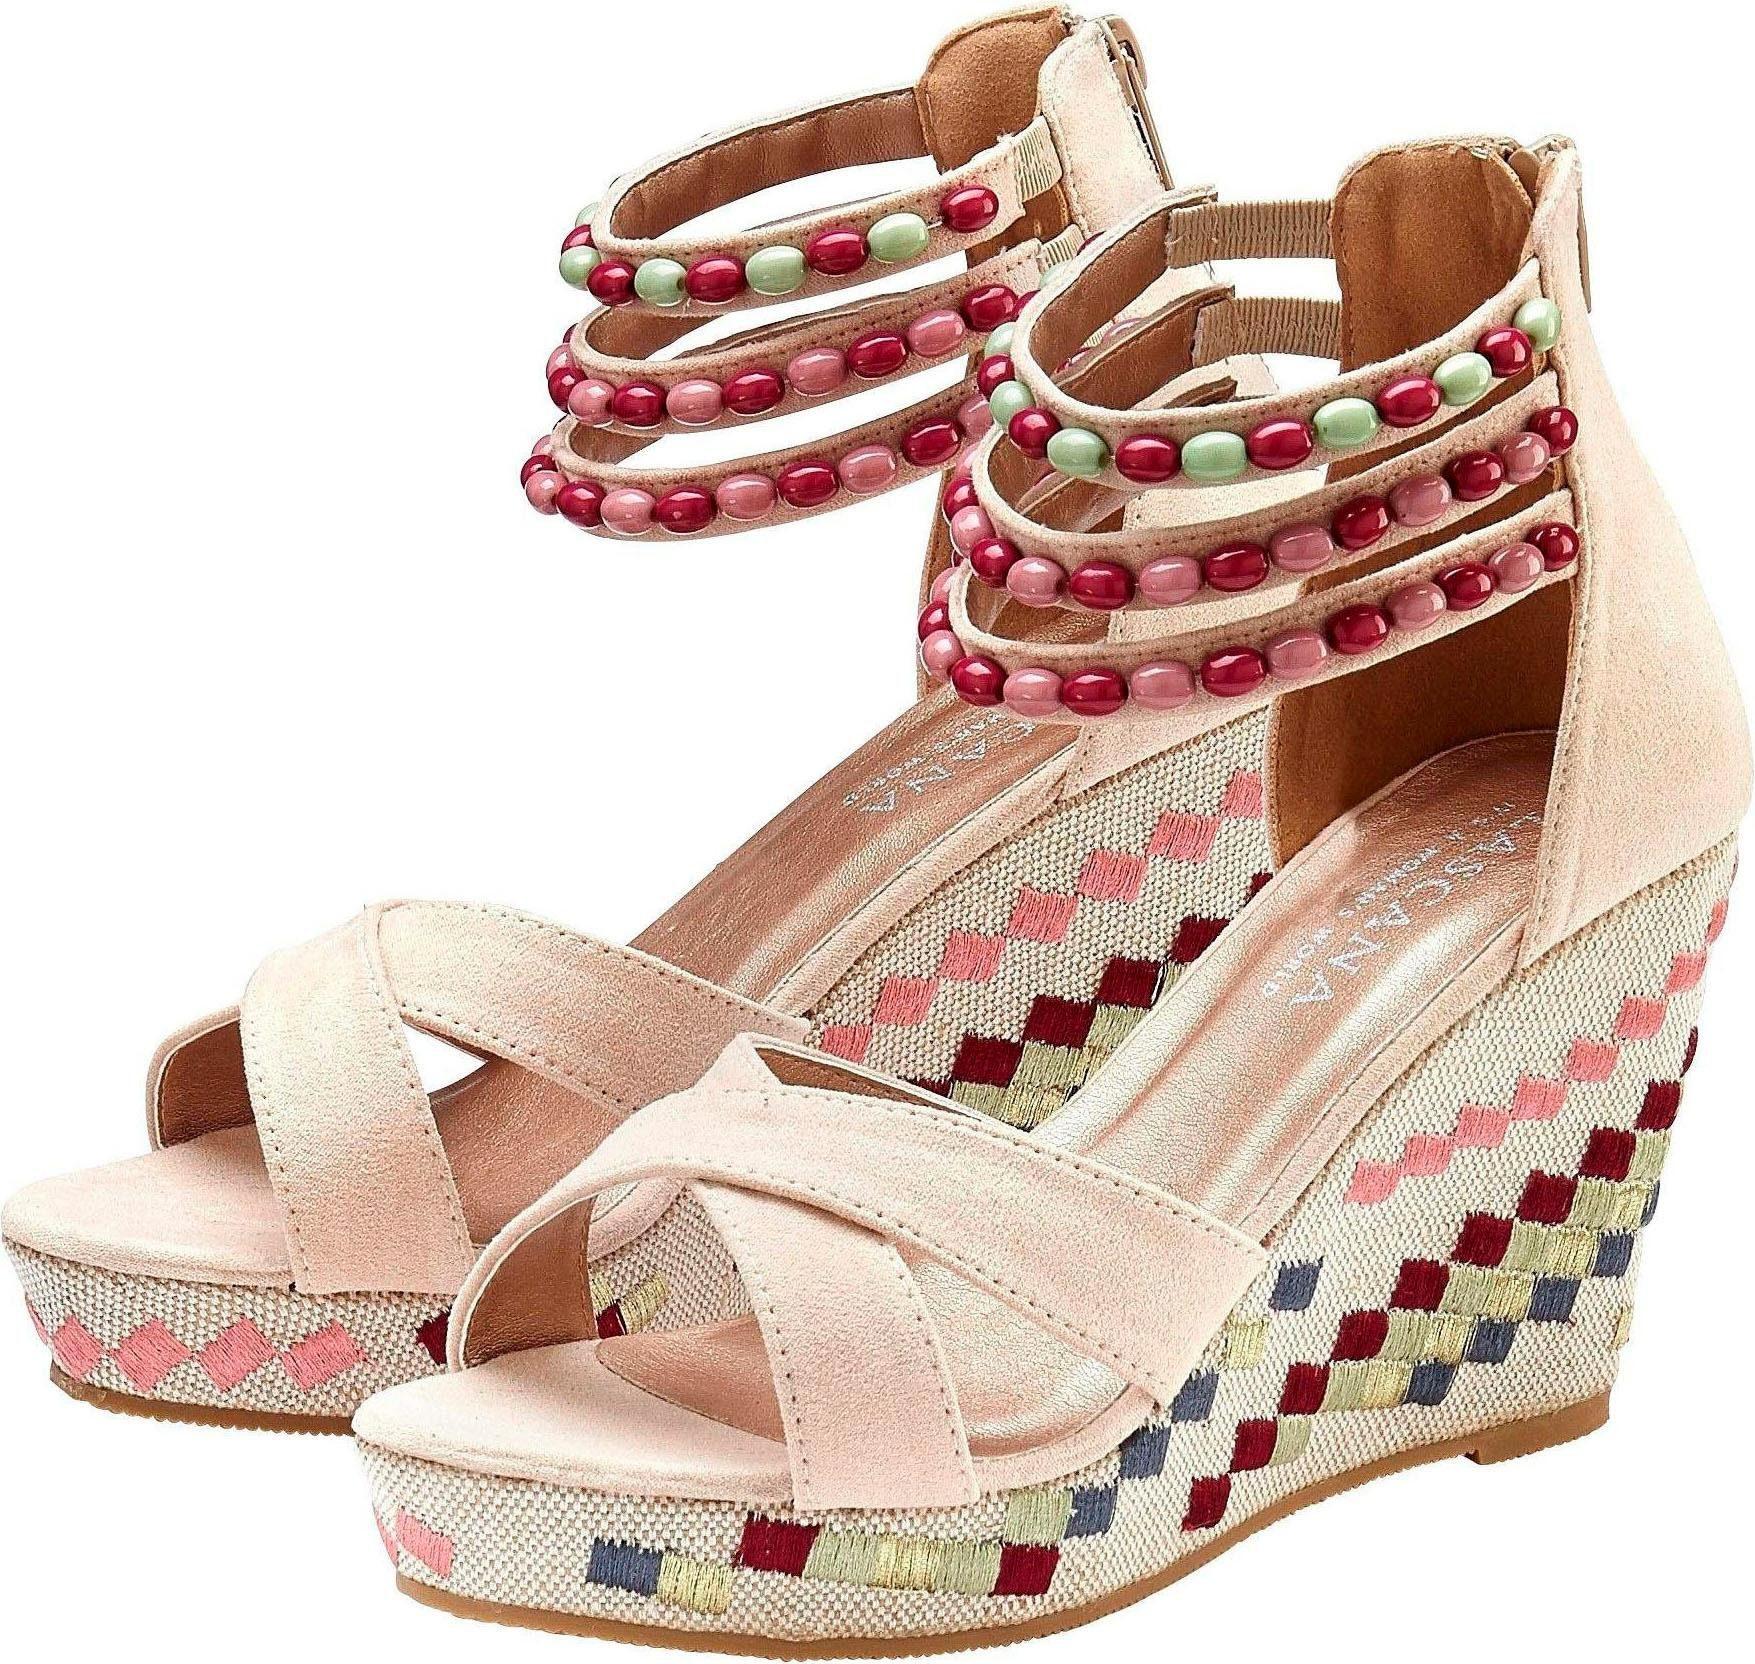 LASCANA High Heel Sandalette mit verziertem Keilabsatz online kaufen | OTTO